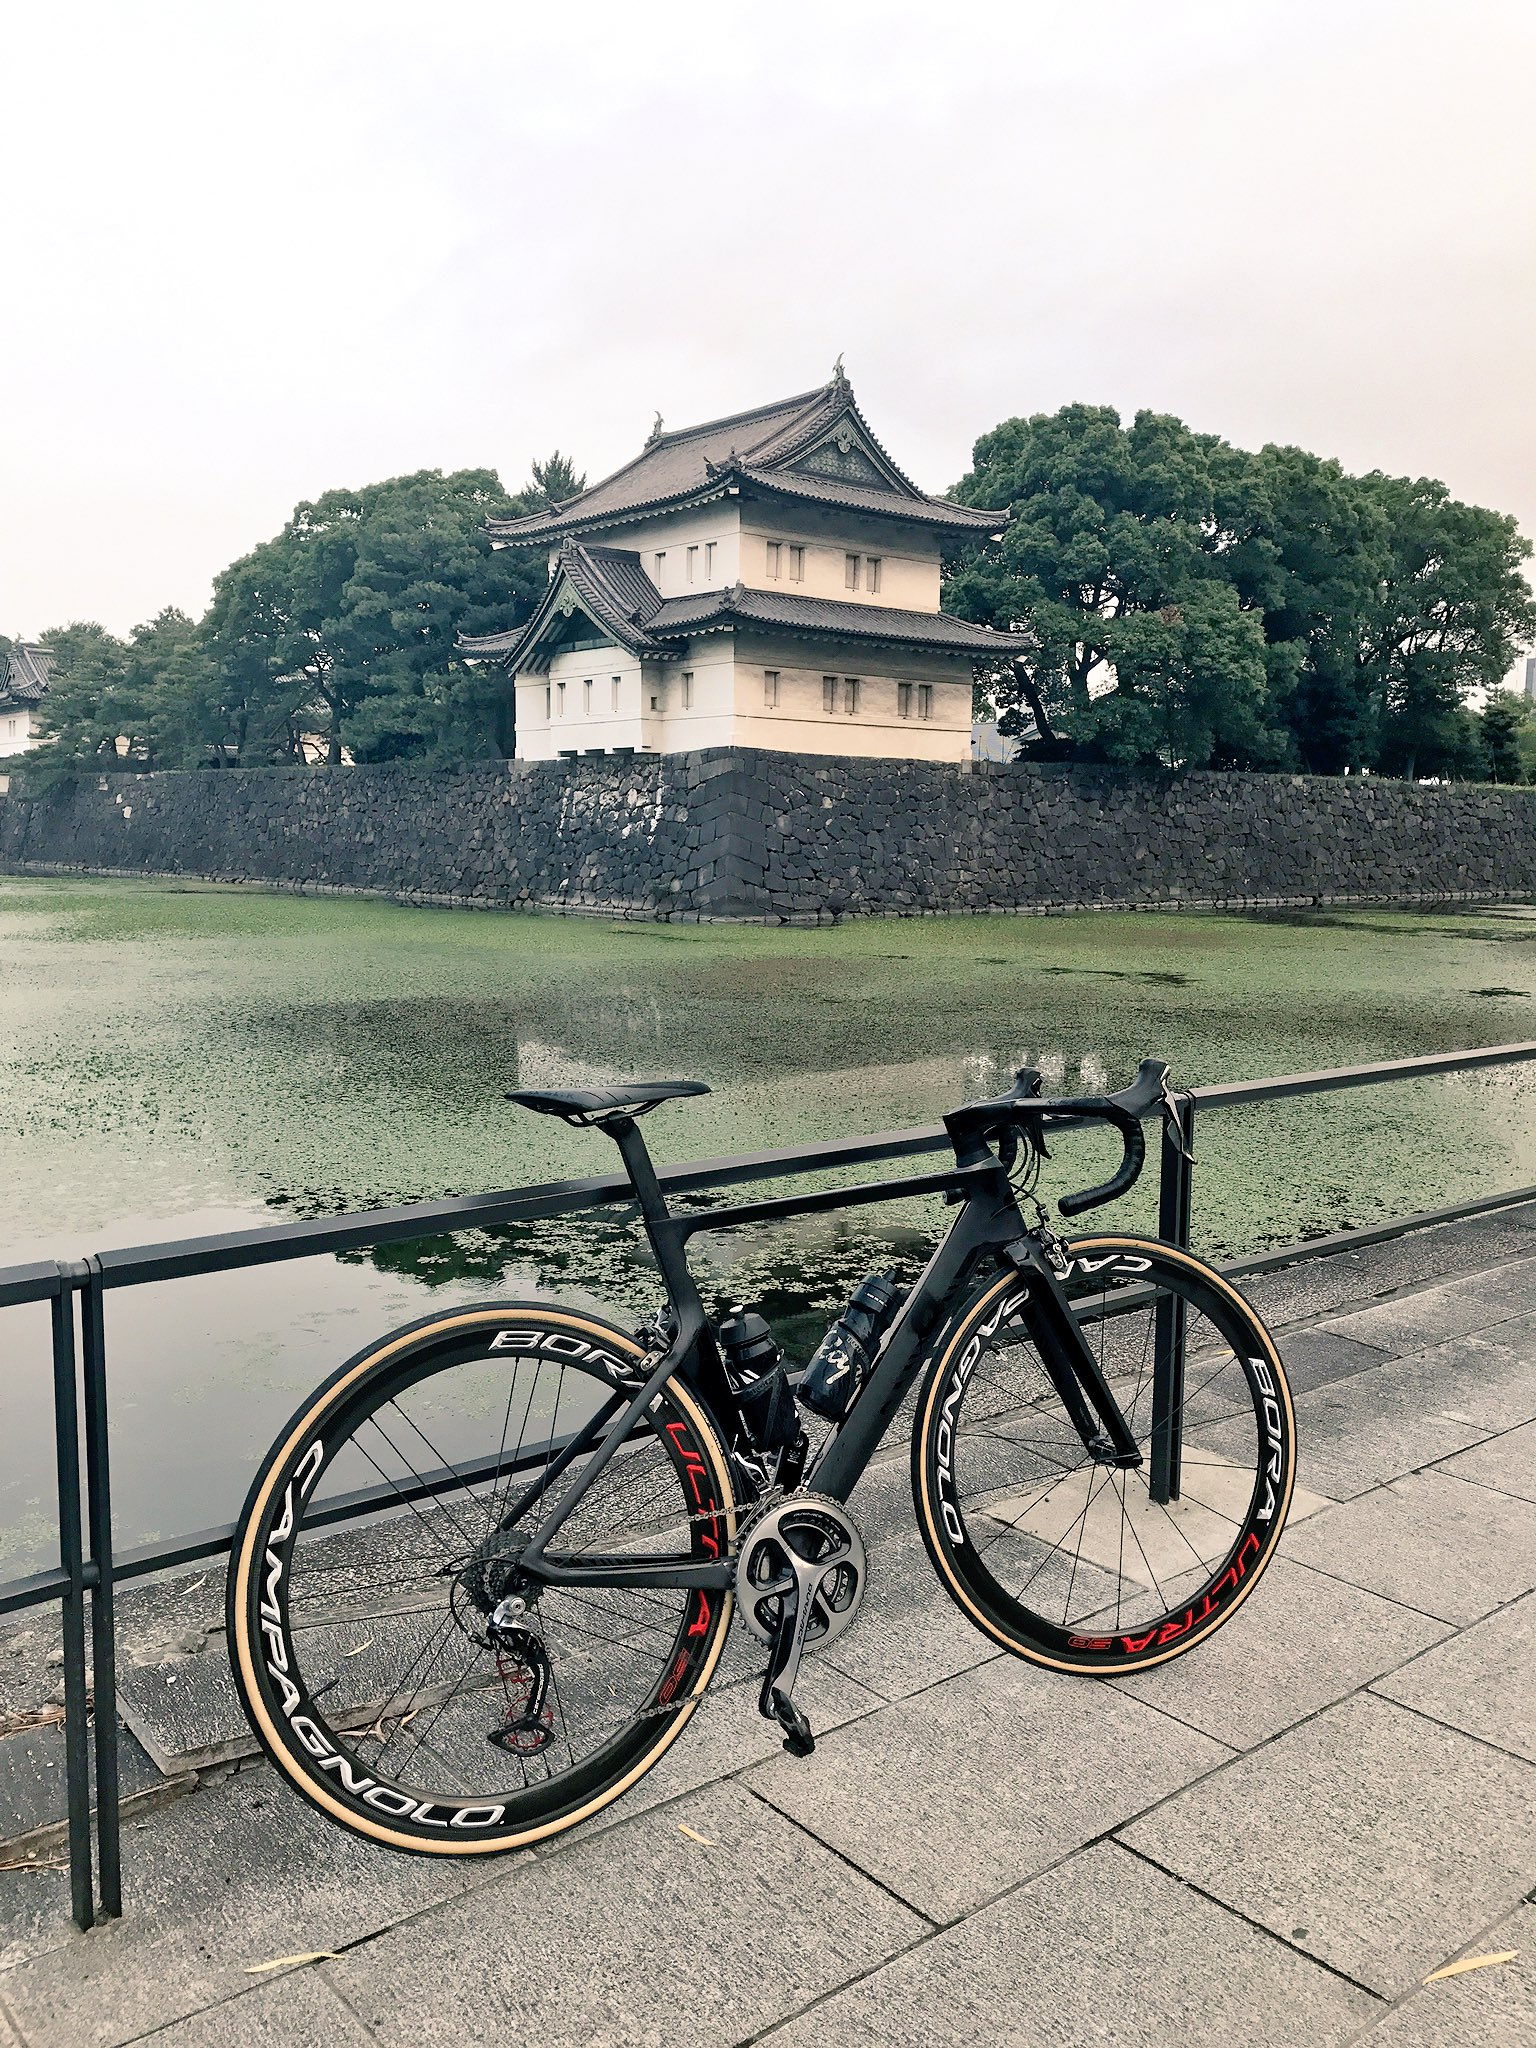 今朝は5時から63km走りました。菅生に向けて準備万端です。 https://t.co/w6WyzbIopb